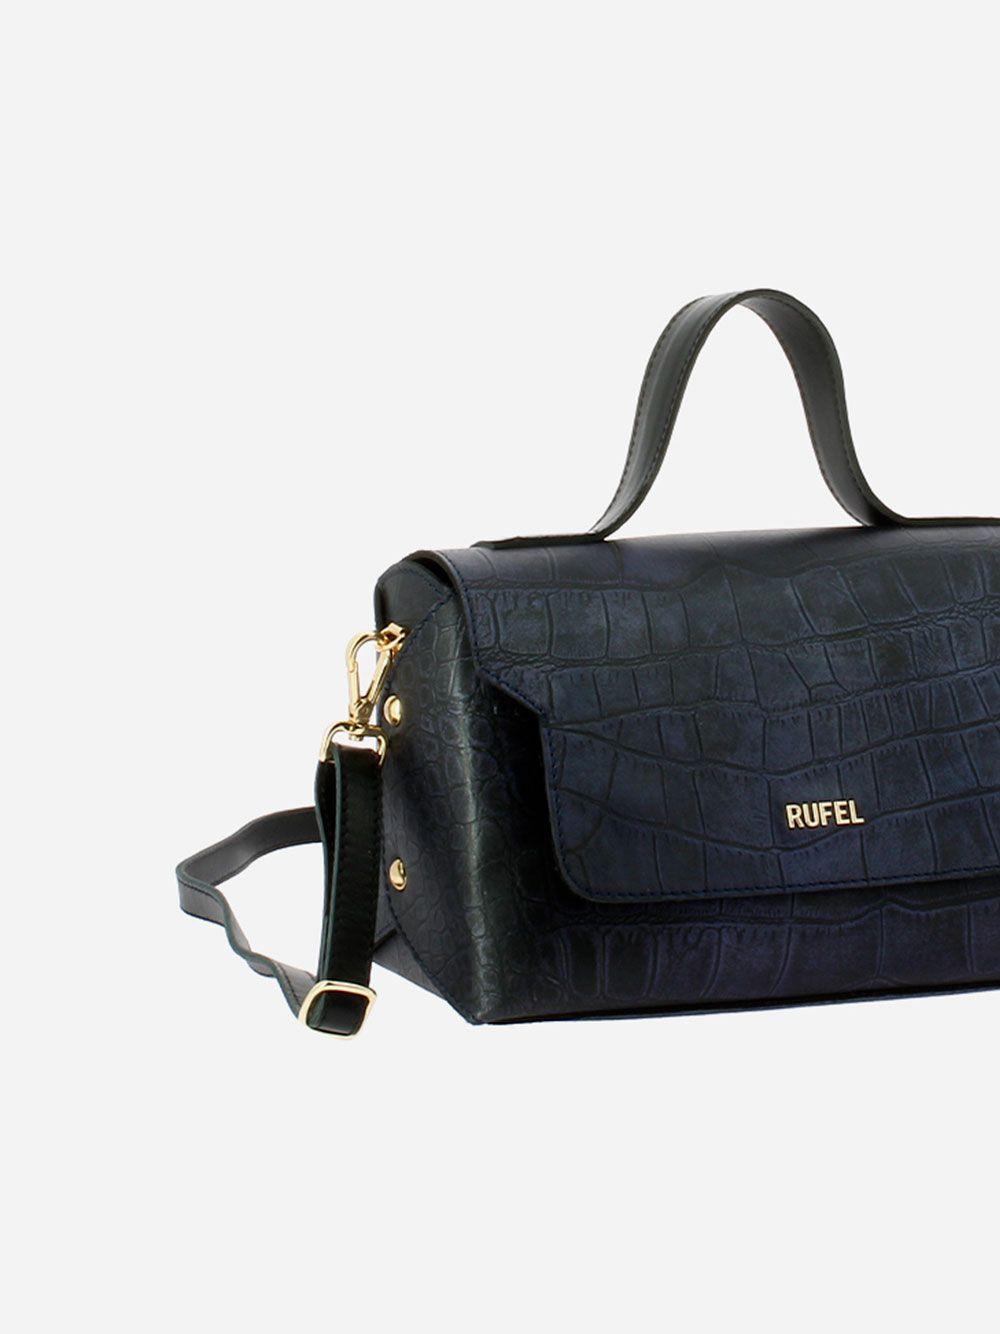 Aidi Blue Crossbody Bag | Rufel